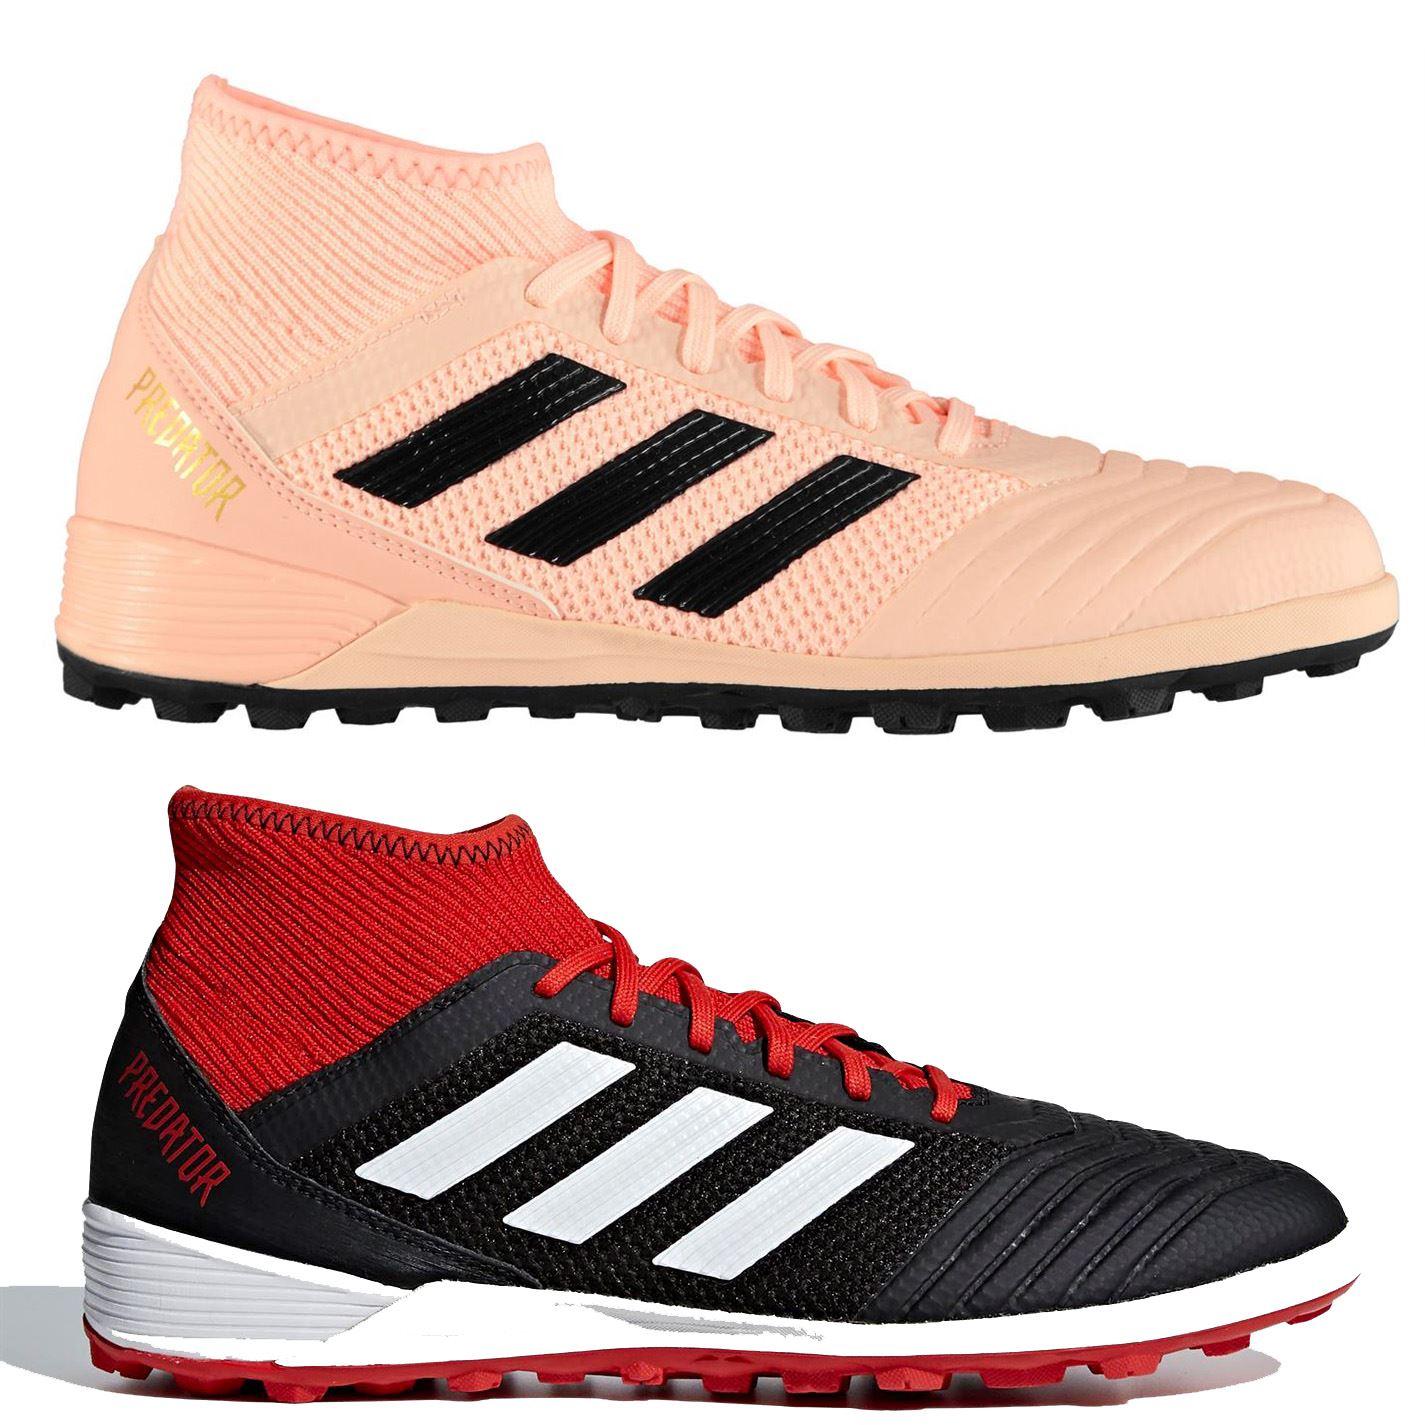 Dettagli su ADIDAS Predator Tango 18.3 Astro Turf Calcio Scarpe Da Ginnastica Sneaker Uomo Scarpa Da Calcio mostra il titolo originale